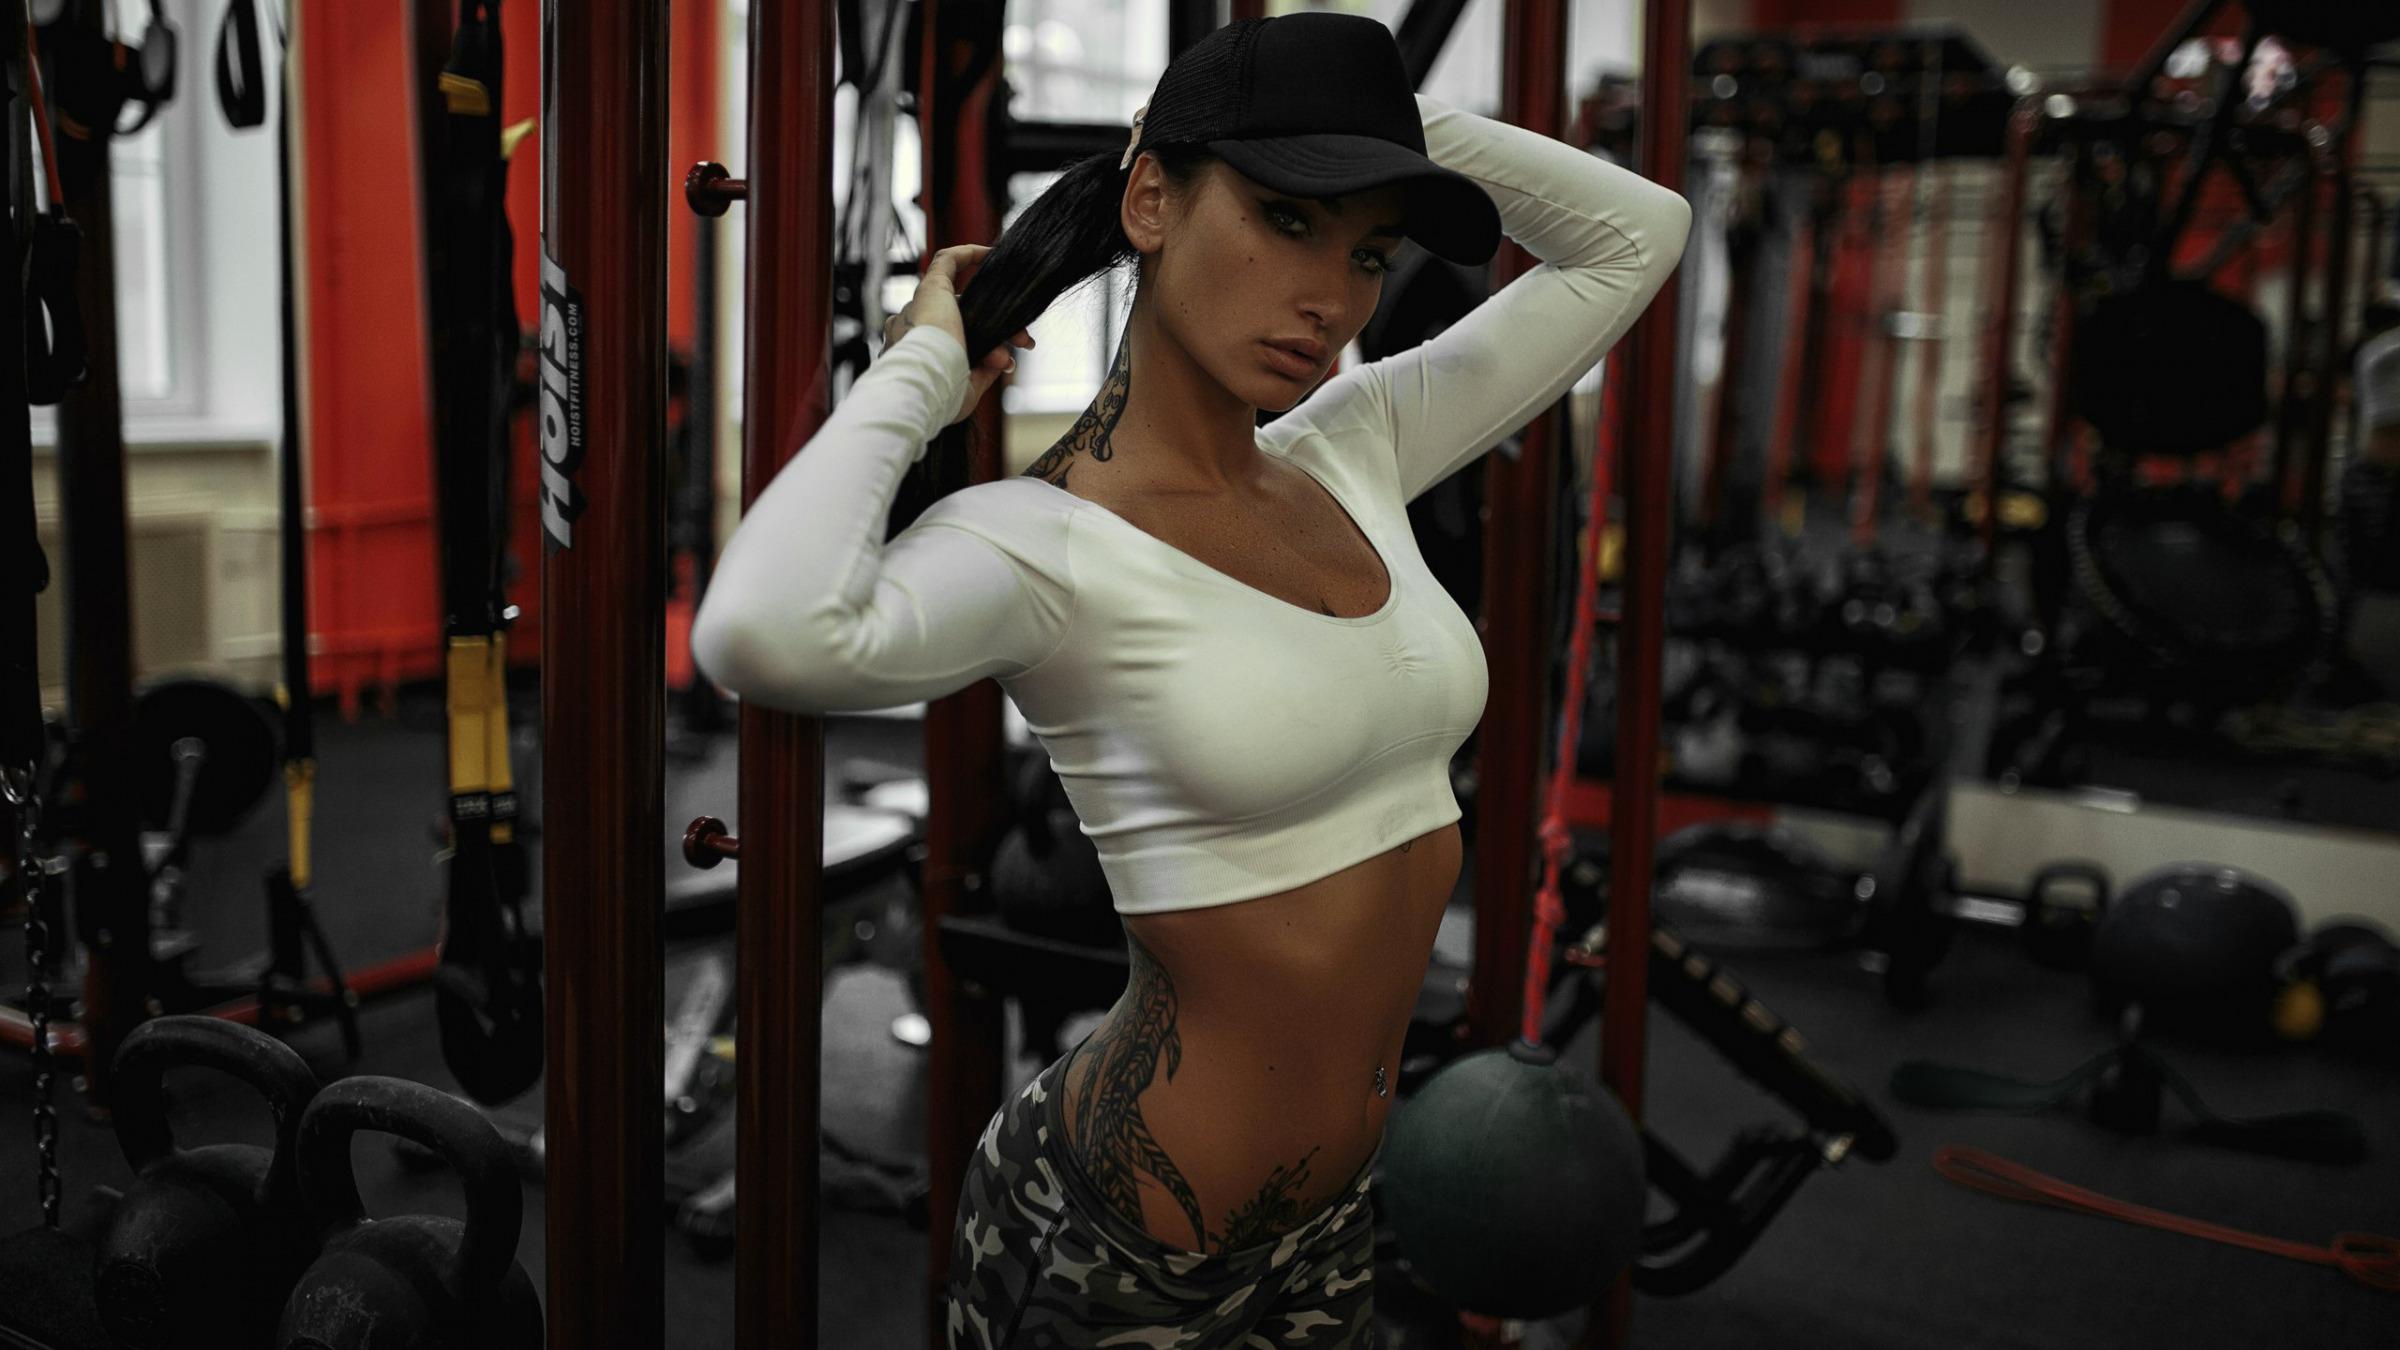 Красотка с фигурой в спортзале